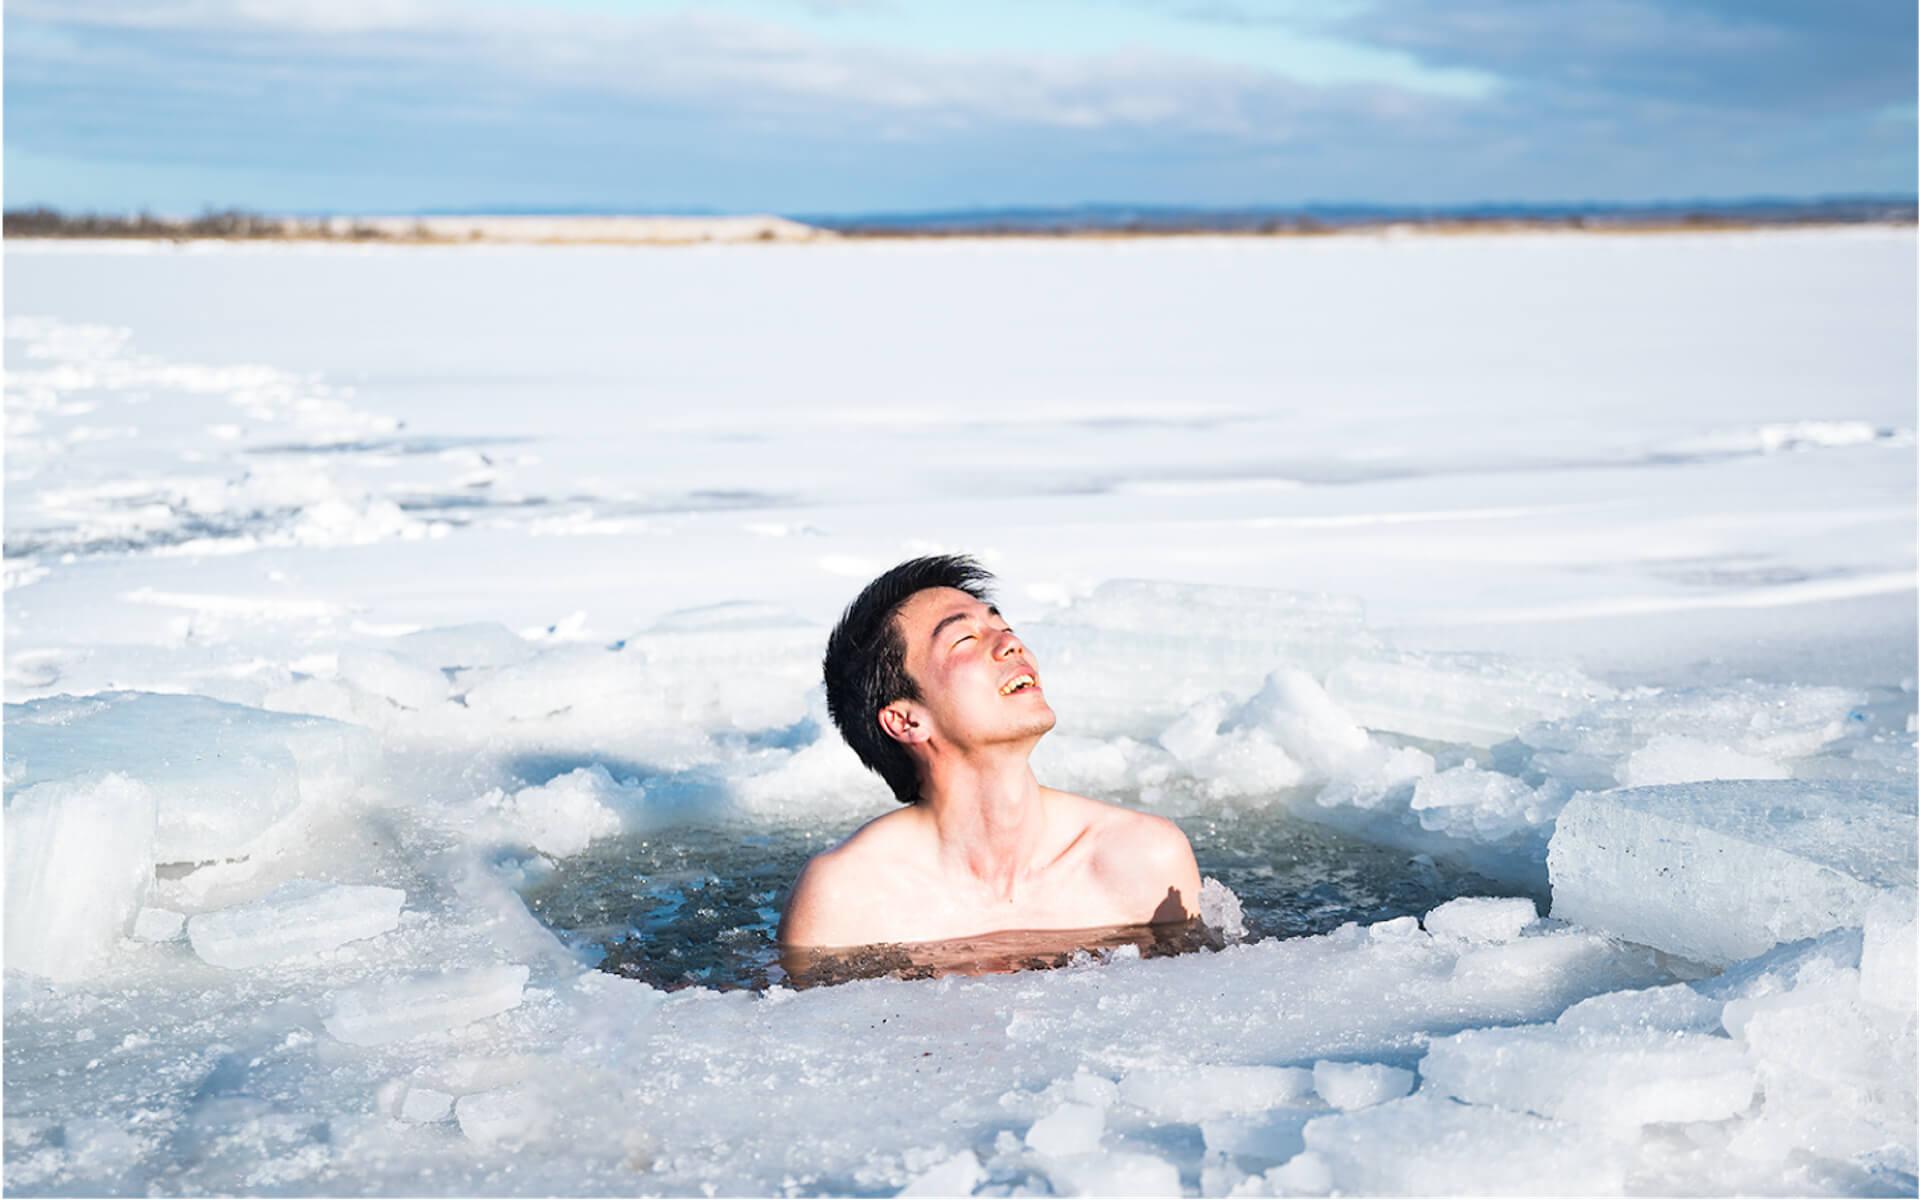 凍った川にできた天然の水風呂でととのおう!アウトドアサウナアクティビティ『十勝アヴァント』の予約受付がスタート life201124_avanto_5